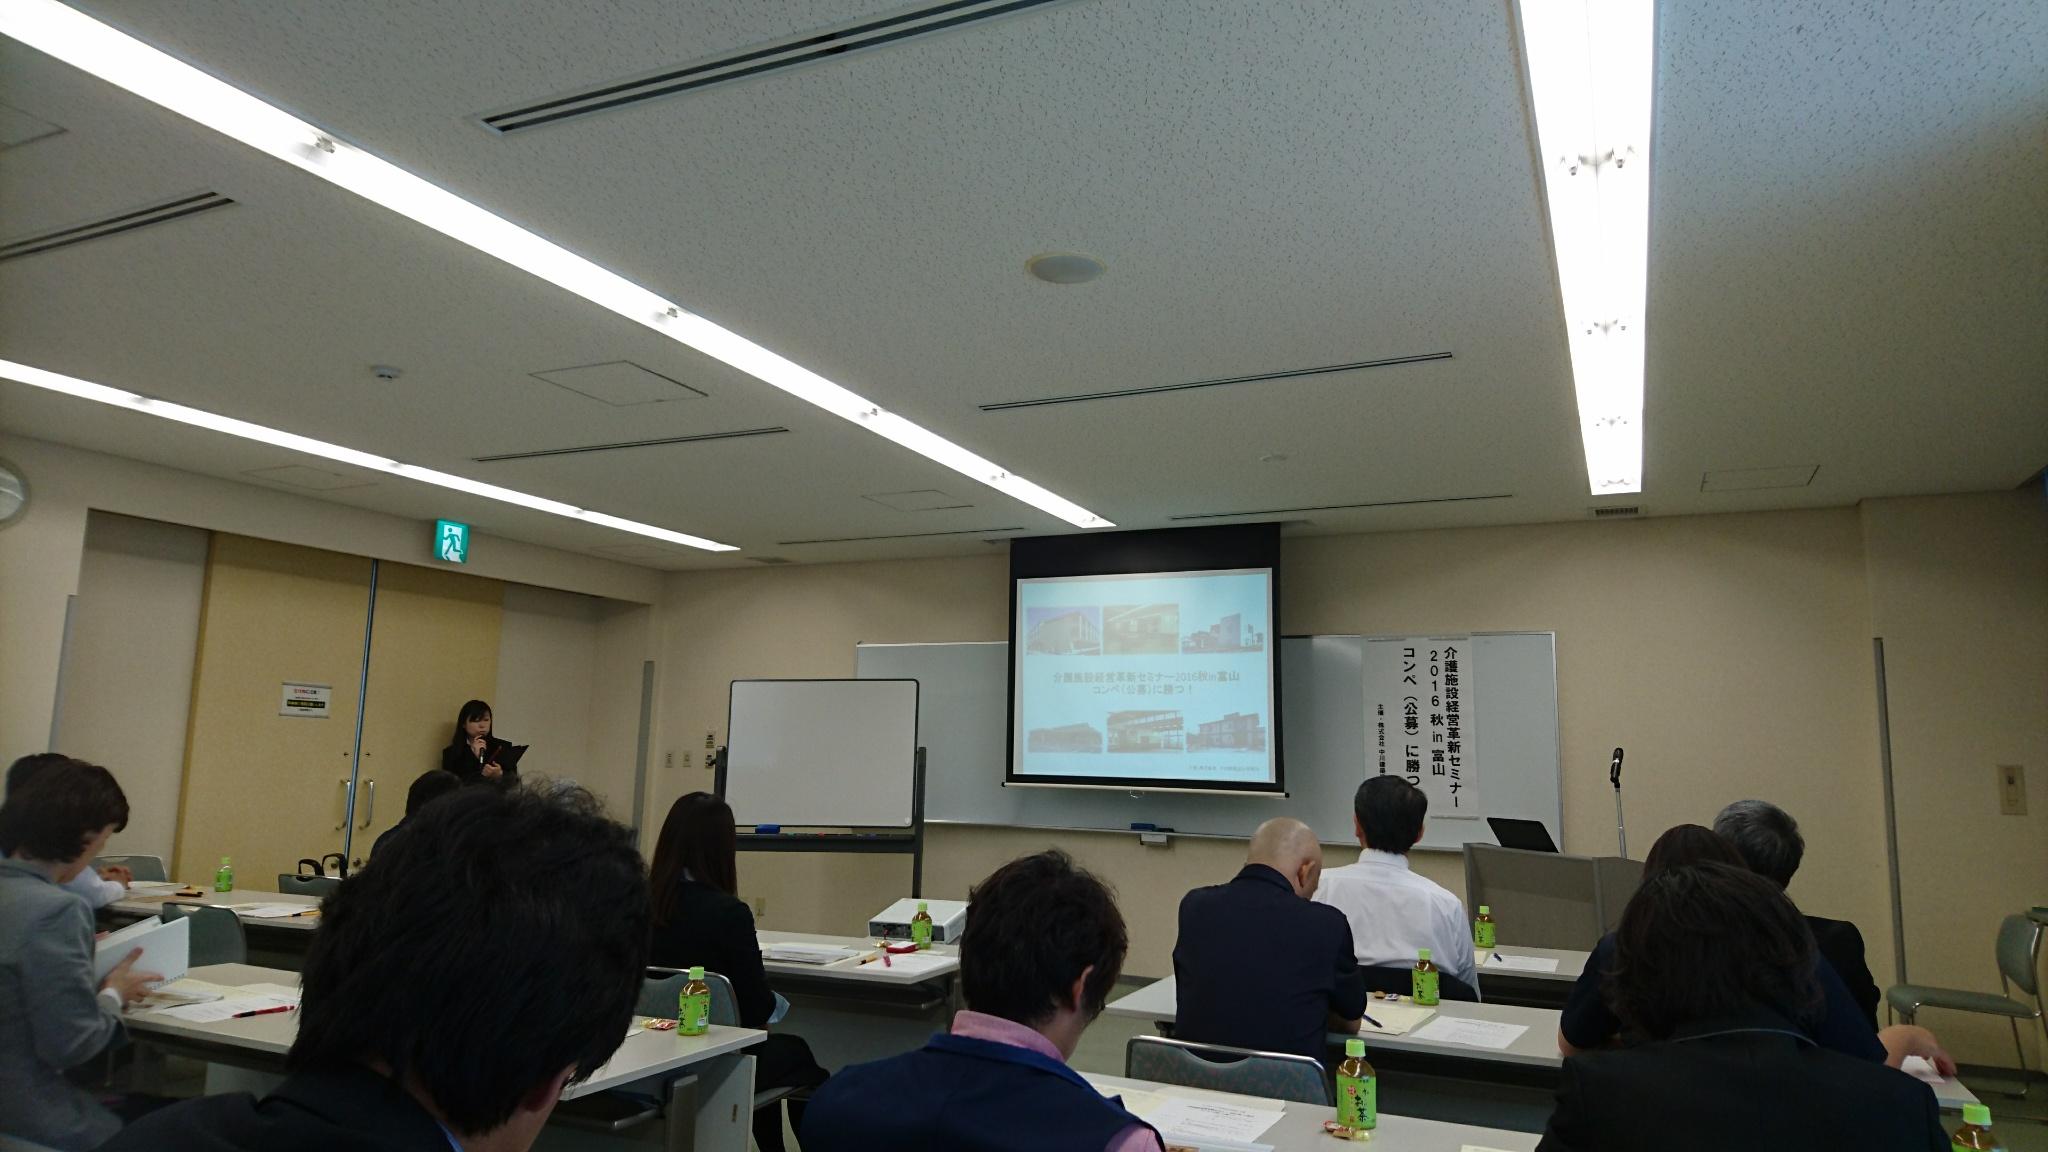 中川建築設計事務所介護施設経営革新セミナー2016秋in富山